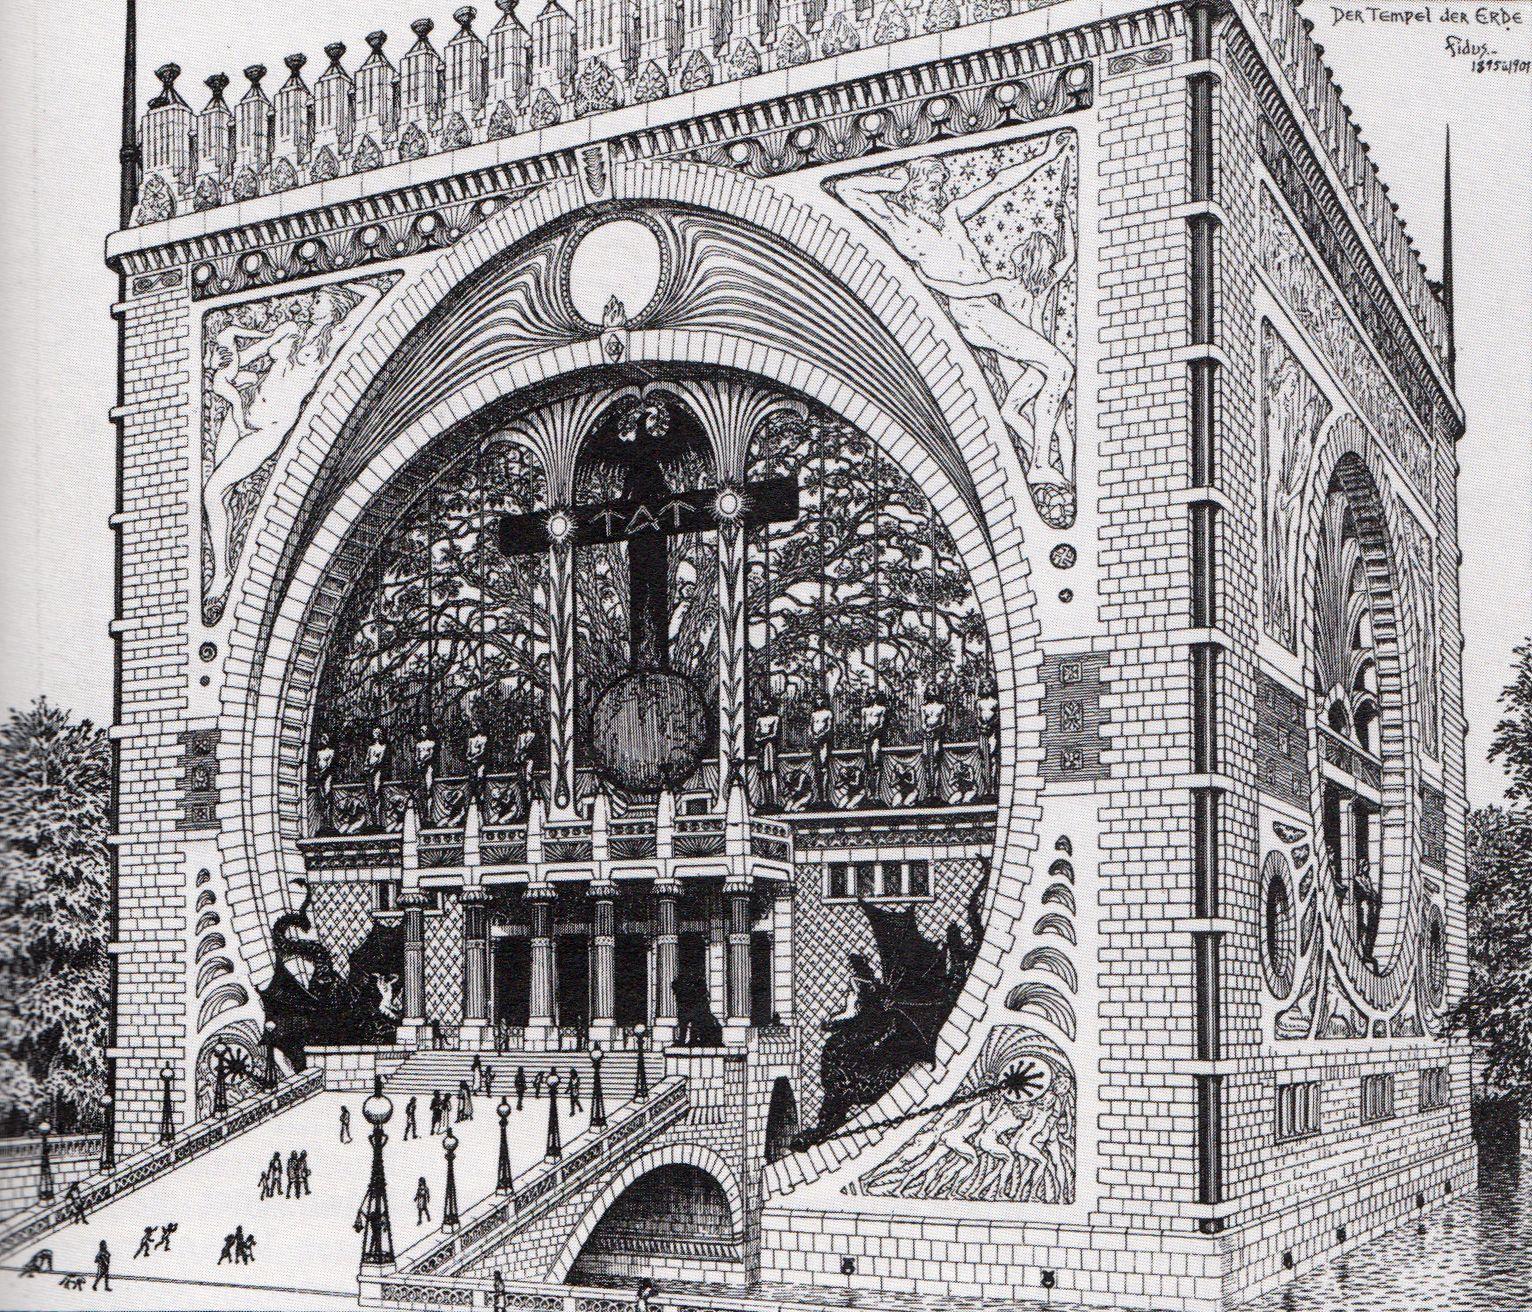 fidus-hugo-hc3b6ppener-temple-of-the-earth-elevation-1901.jpg (1532×1312)